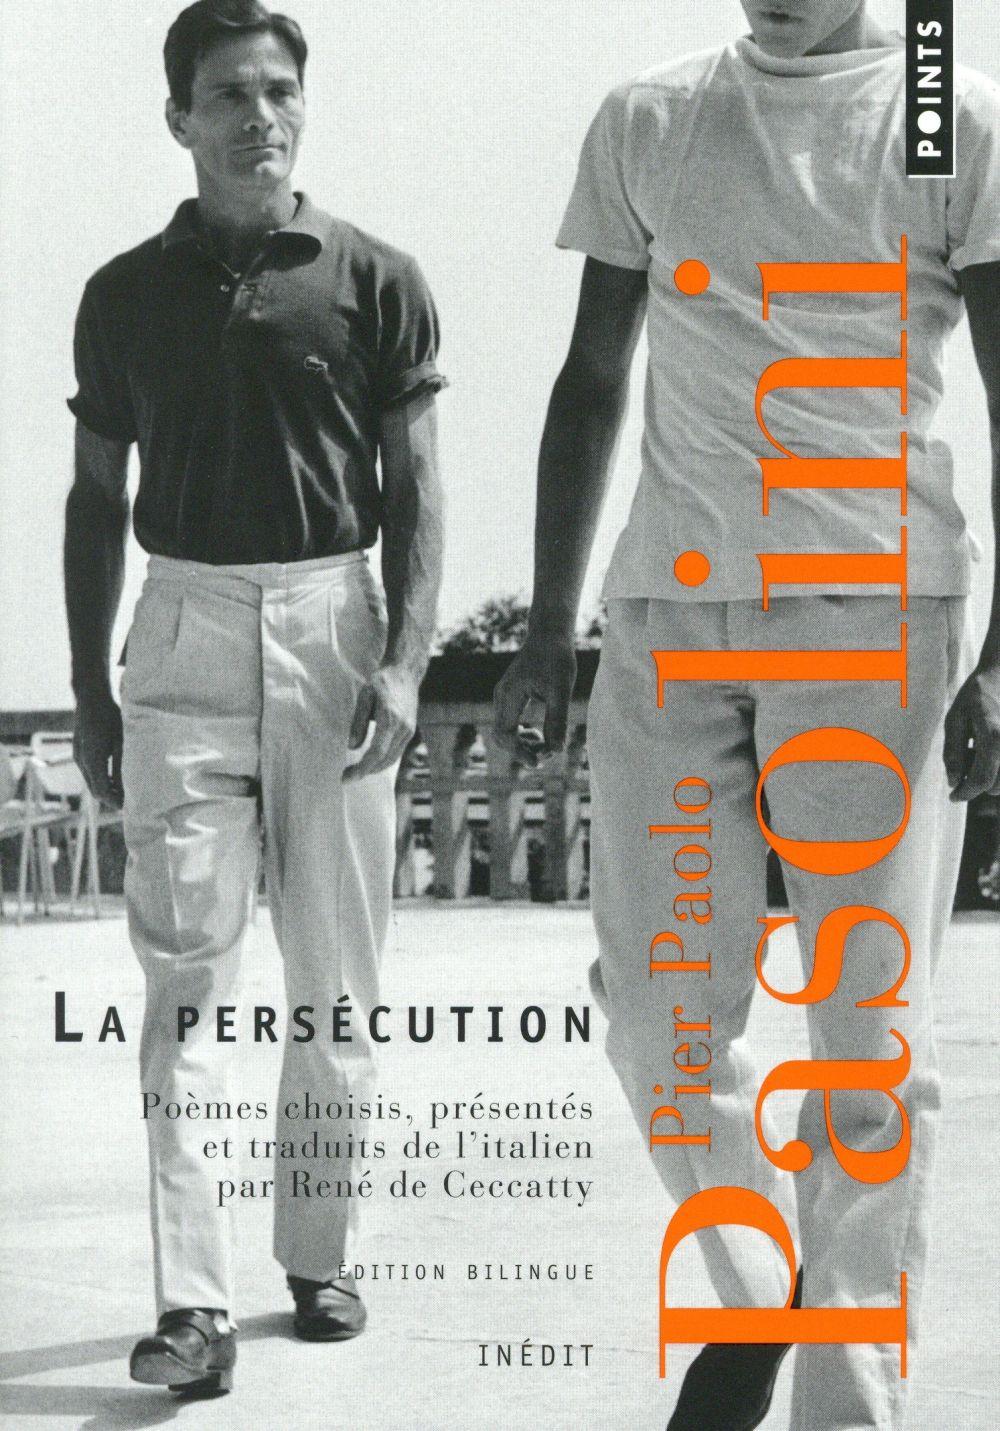 LA PERSECUTION. UNE ANTHOLOGIE (1954-1970)